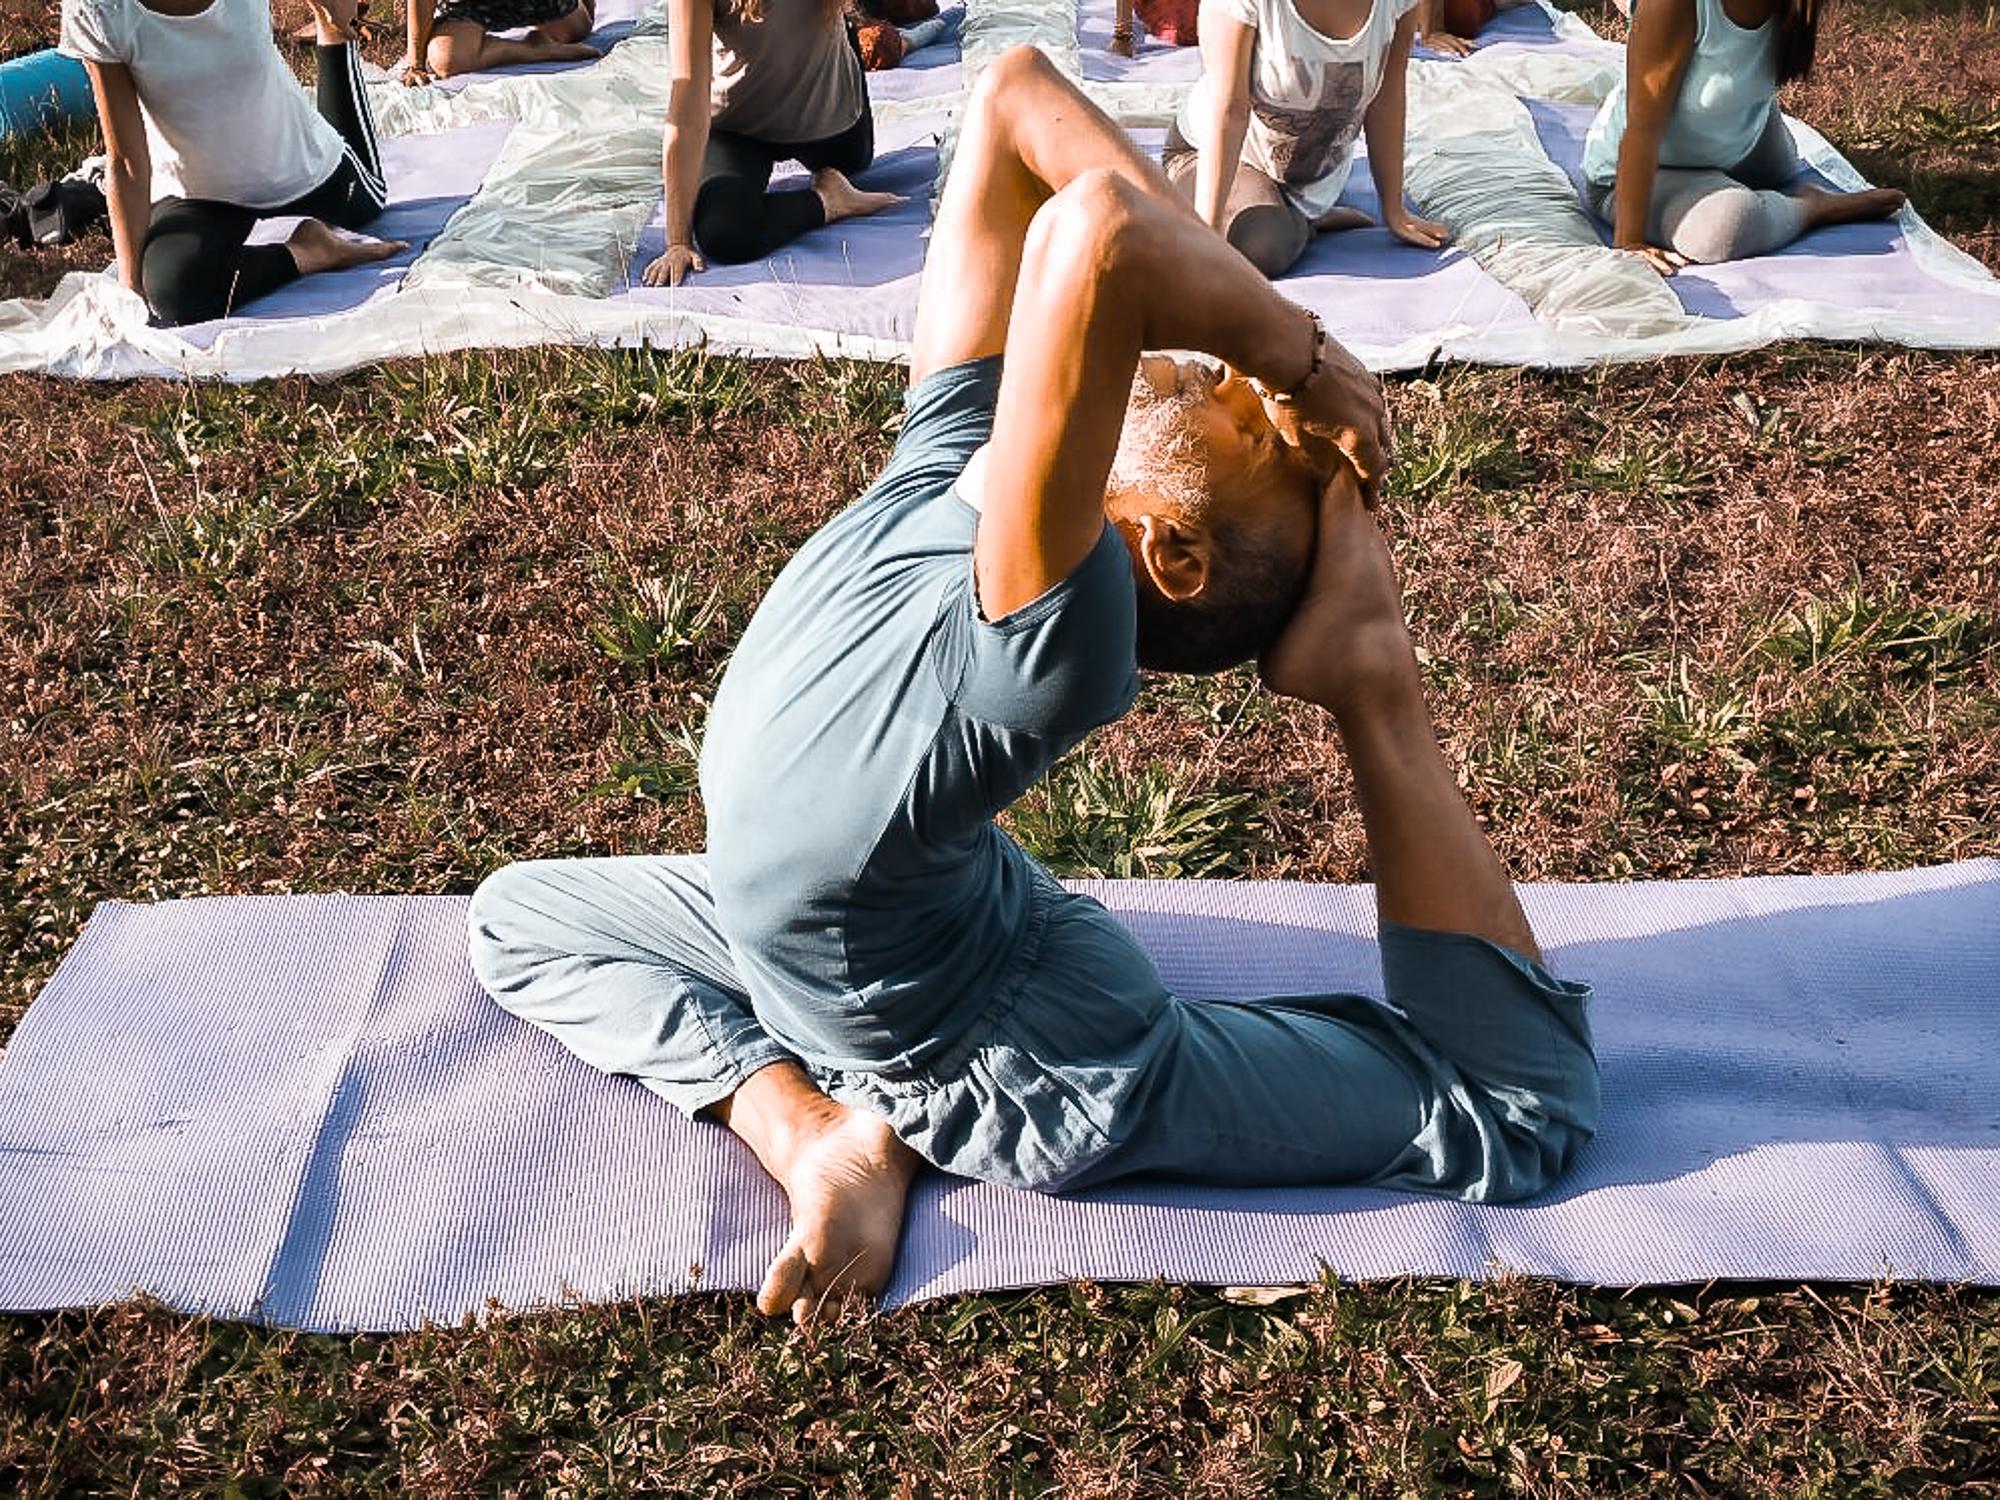 maestro-insegnante-yoga-azione-posizione-parco-allievi